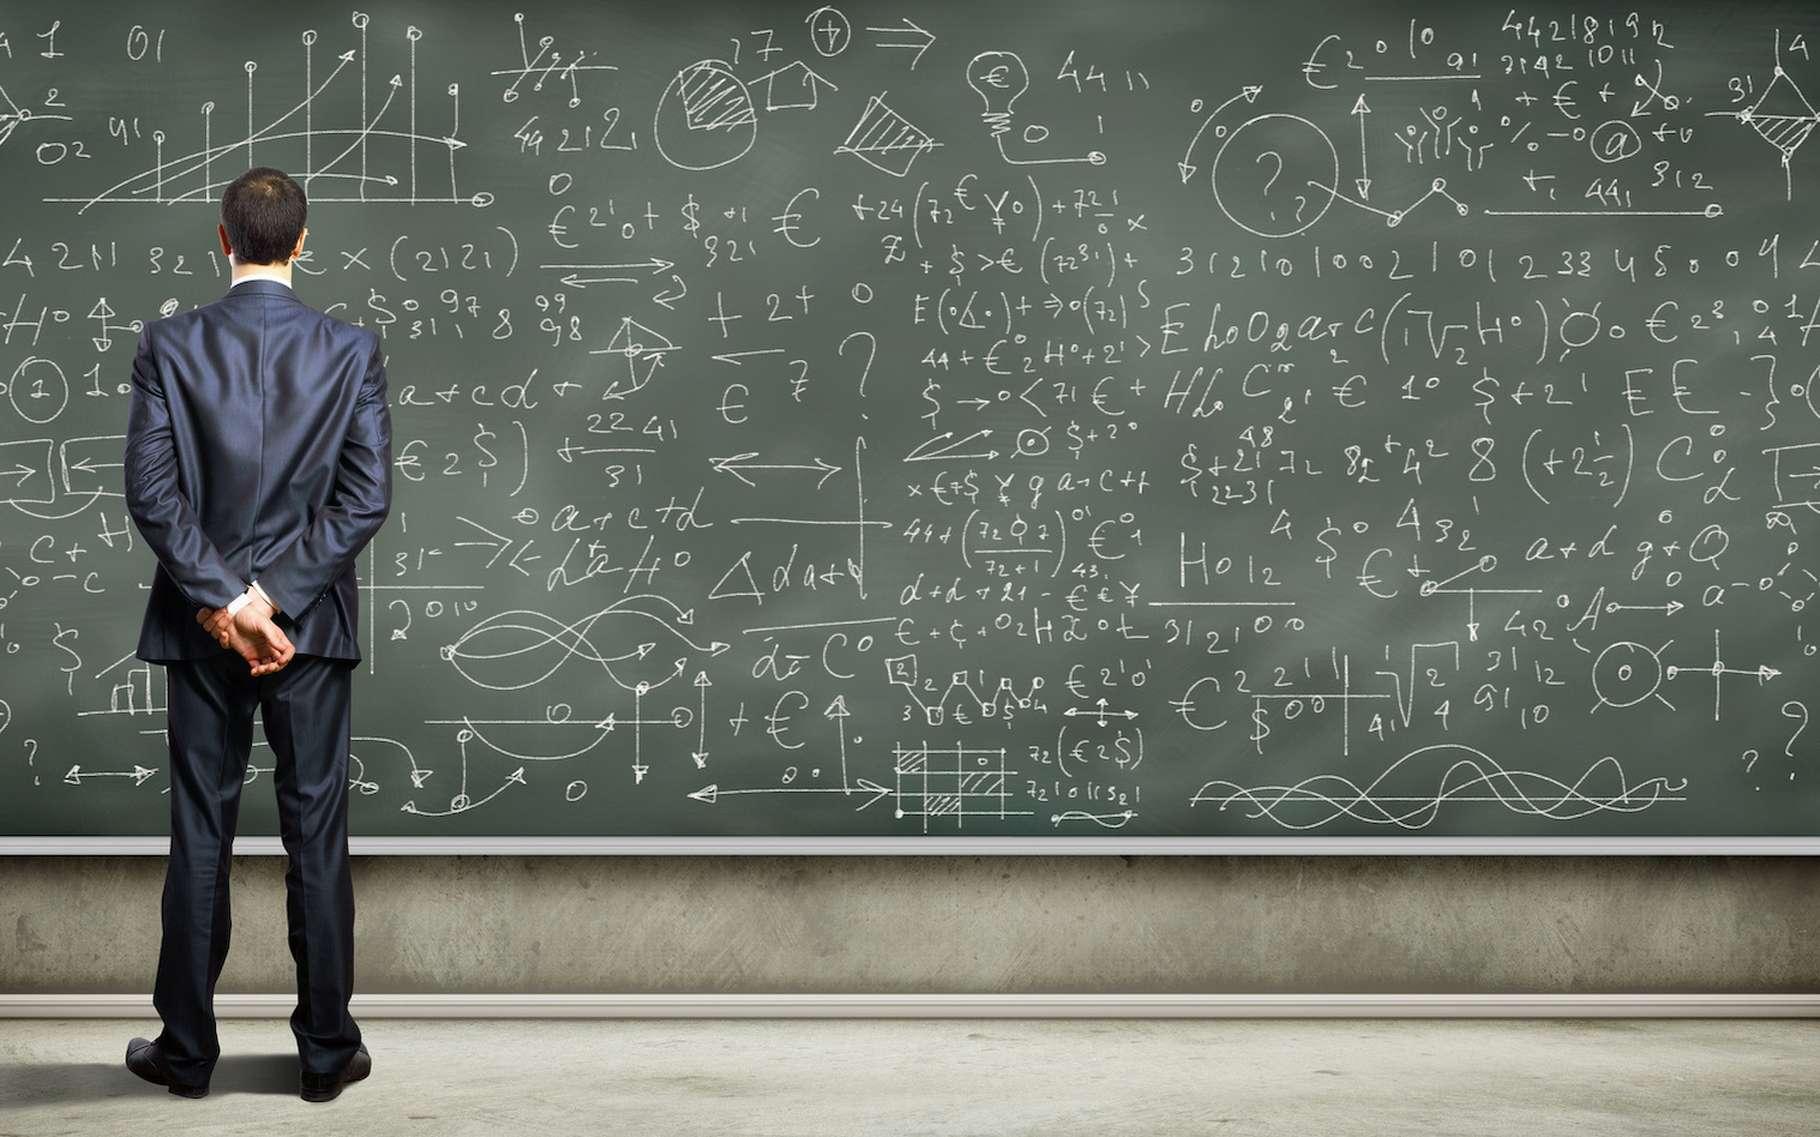 Les équations correspondent à des égalités soumises à conditions. © Sergey Nivens, Fotolia